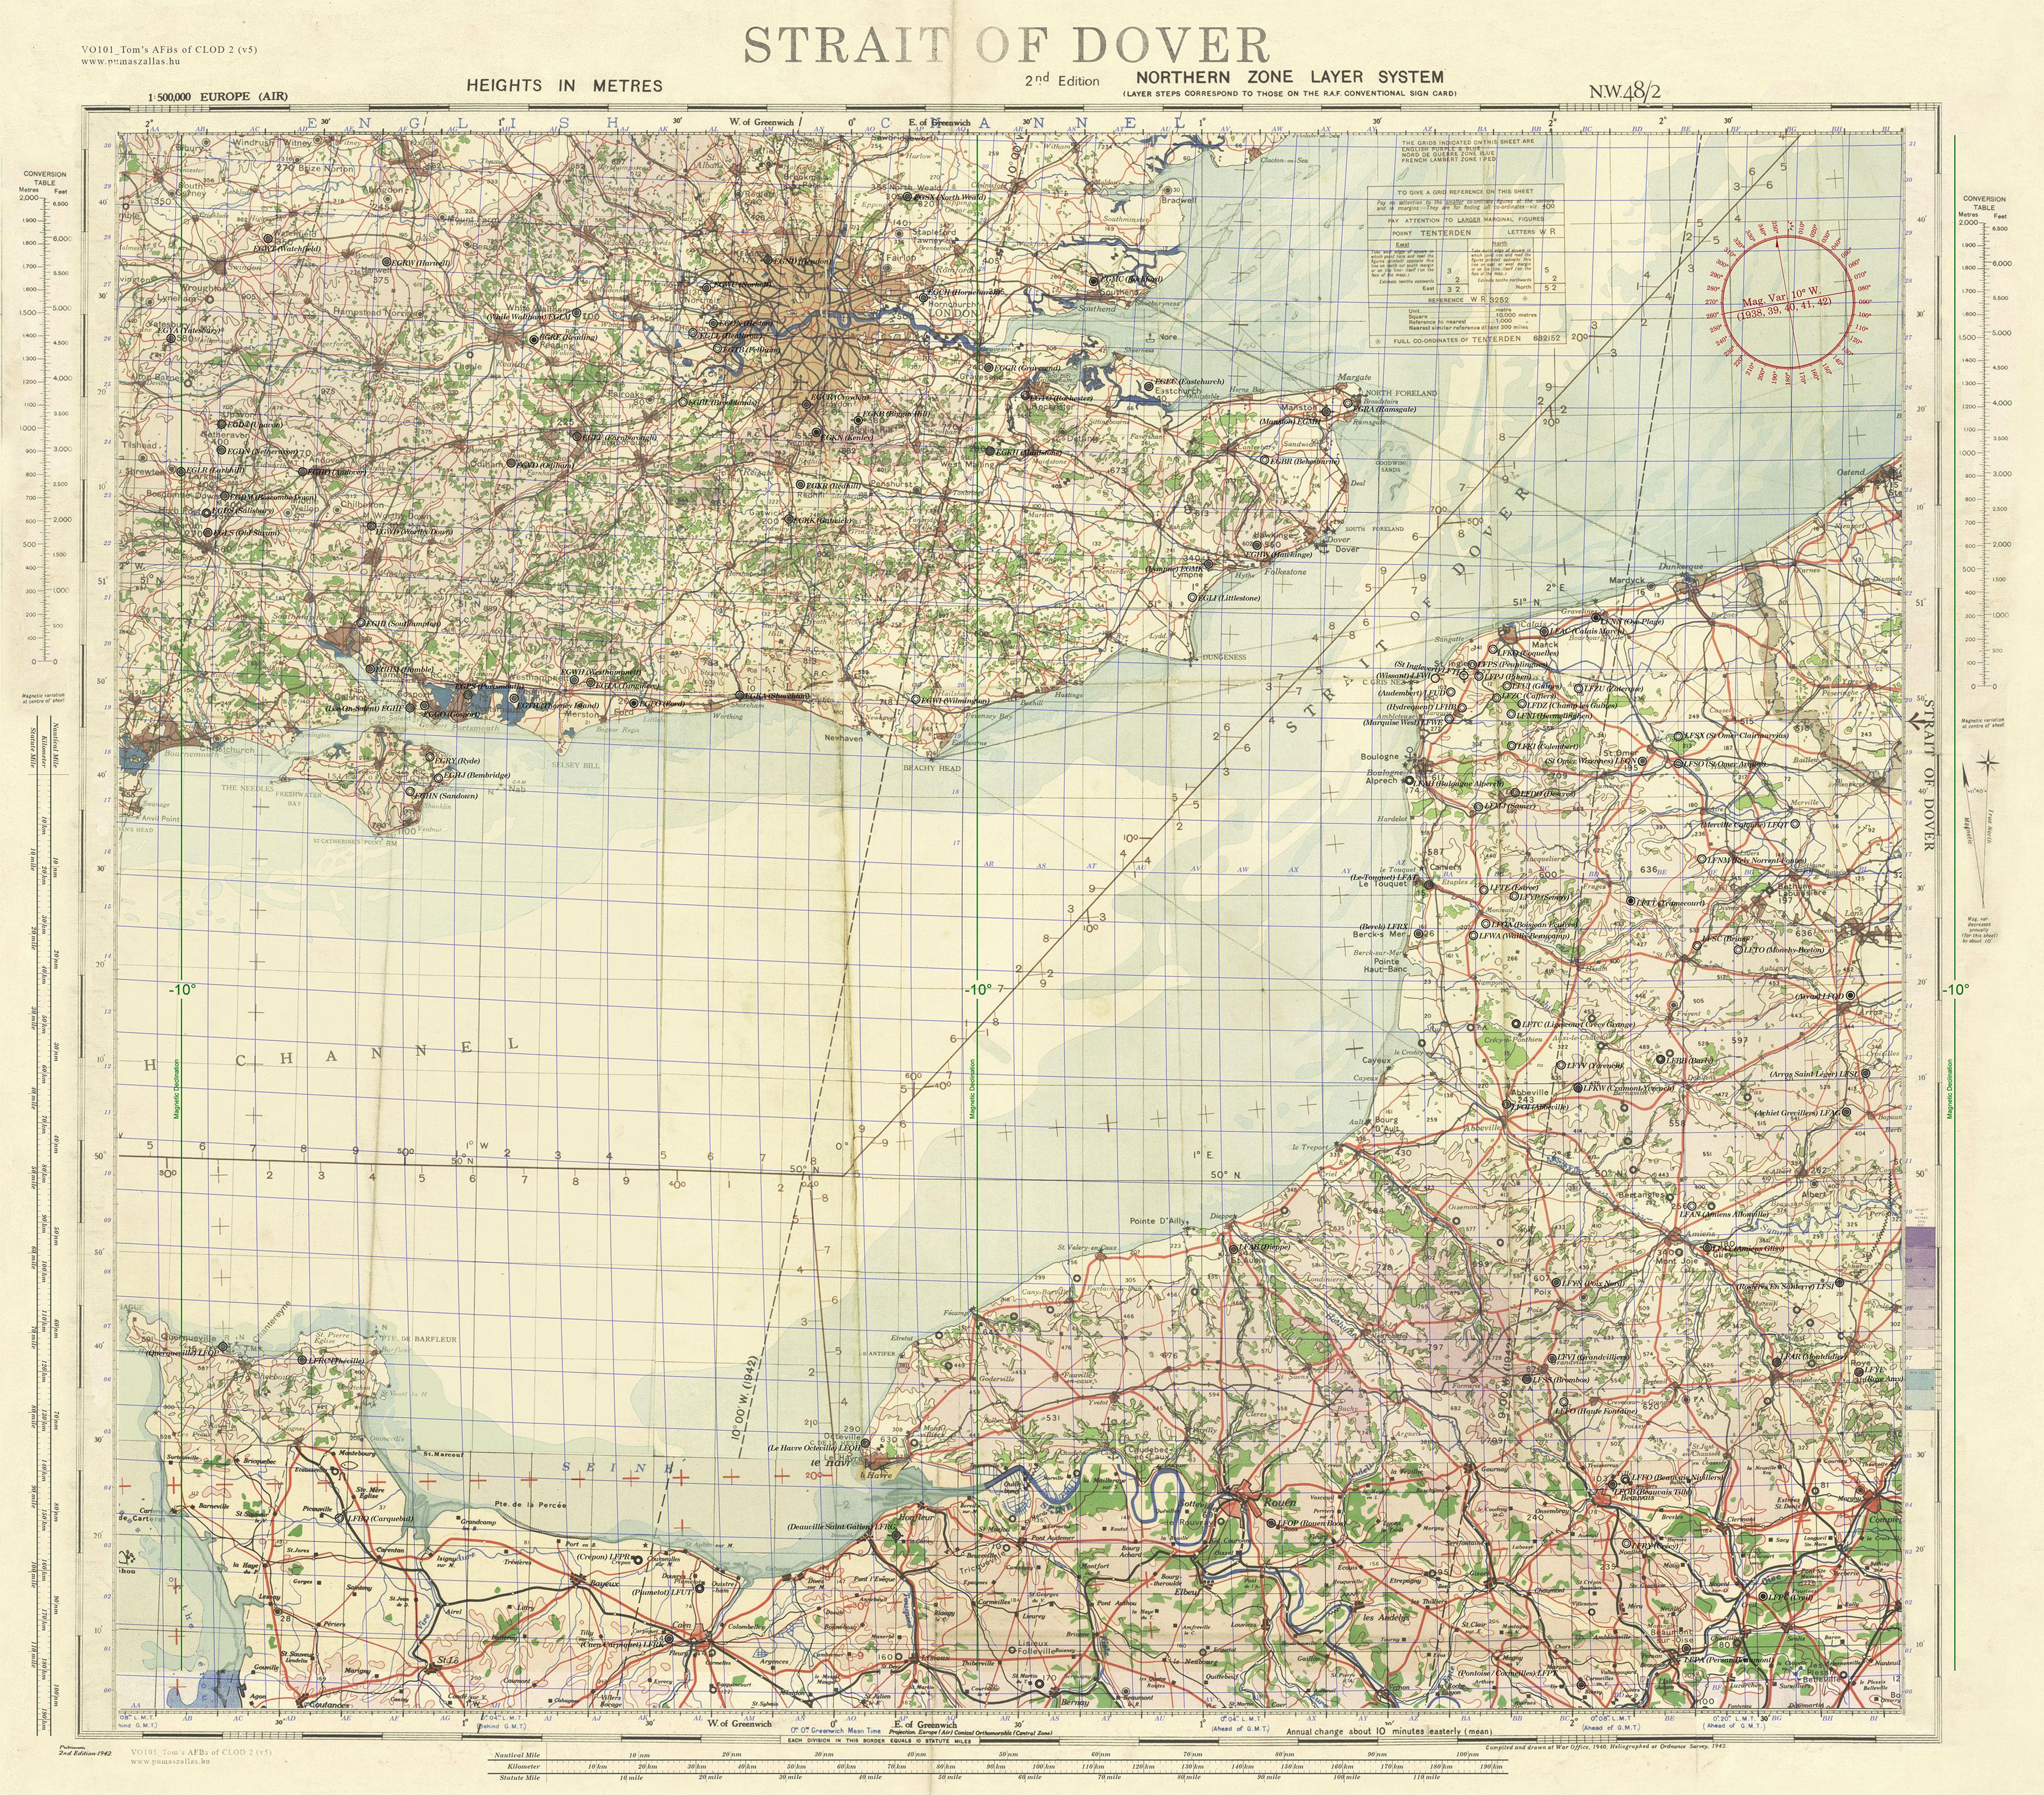 Maps IL 2 Sturmovik Cliffs of Dover Tools